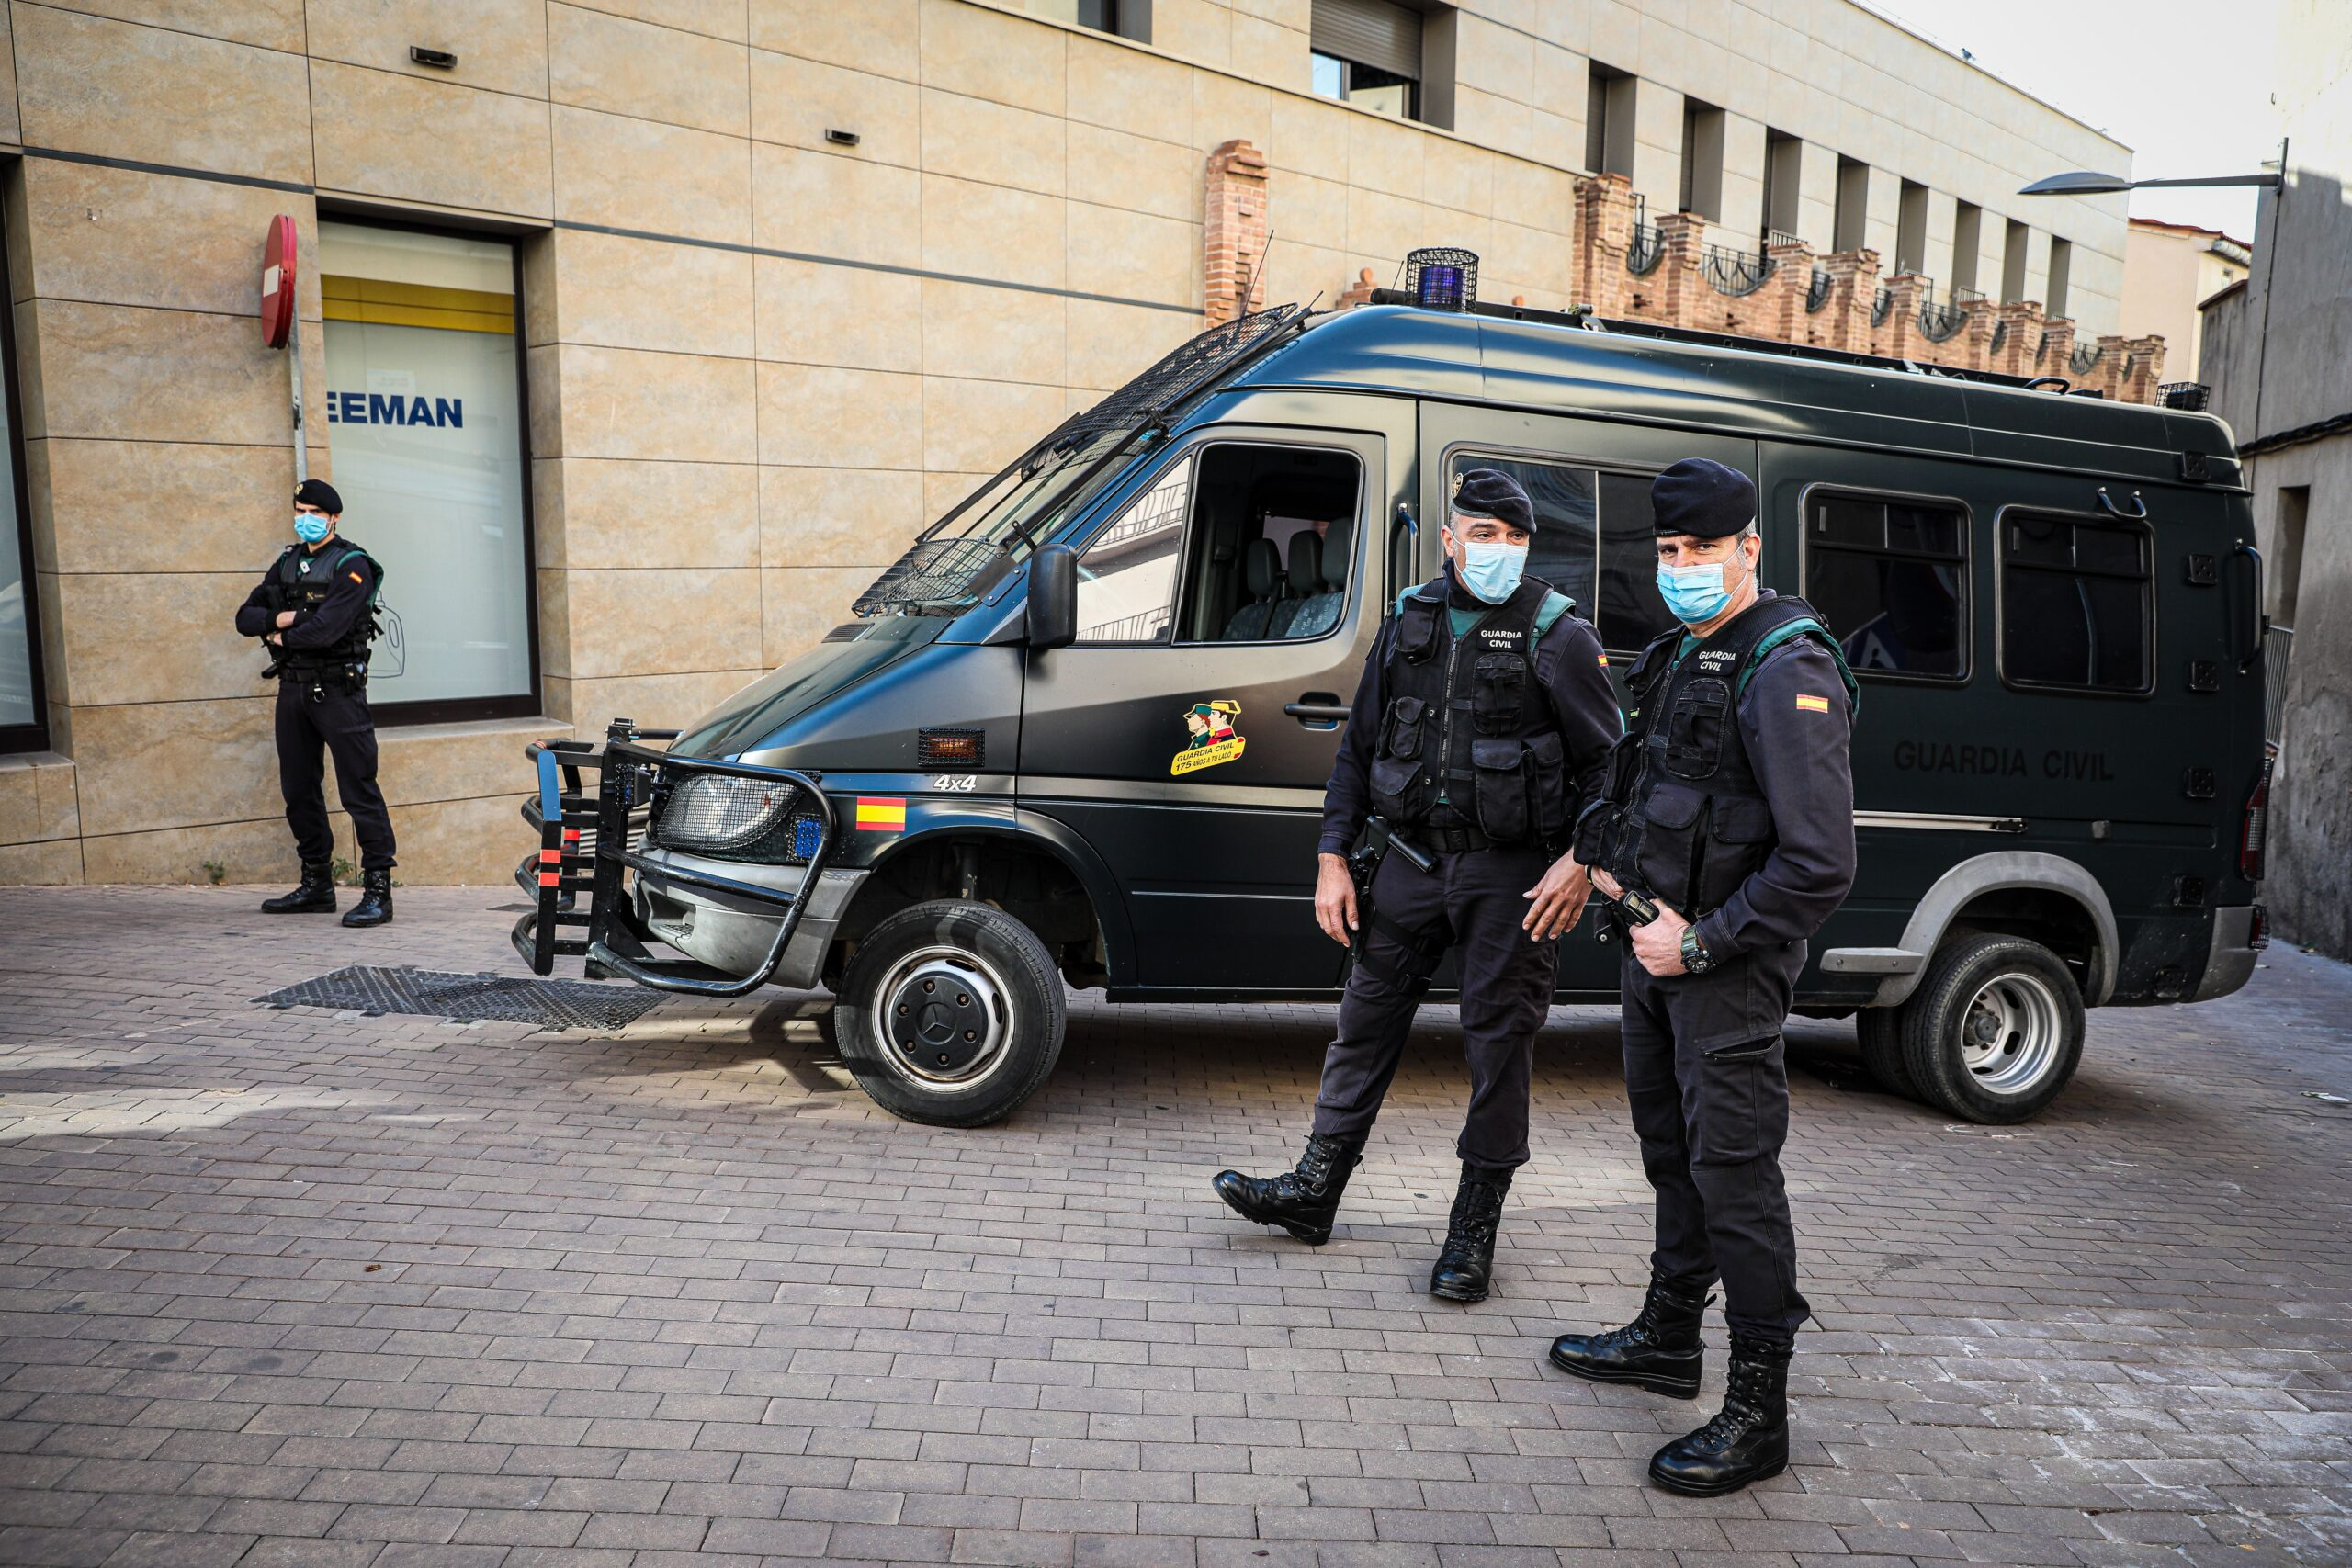 Guàrdies Civils, en els escorcolls d'Igualada aquest dimecres arran de l'operacio Volhov